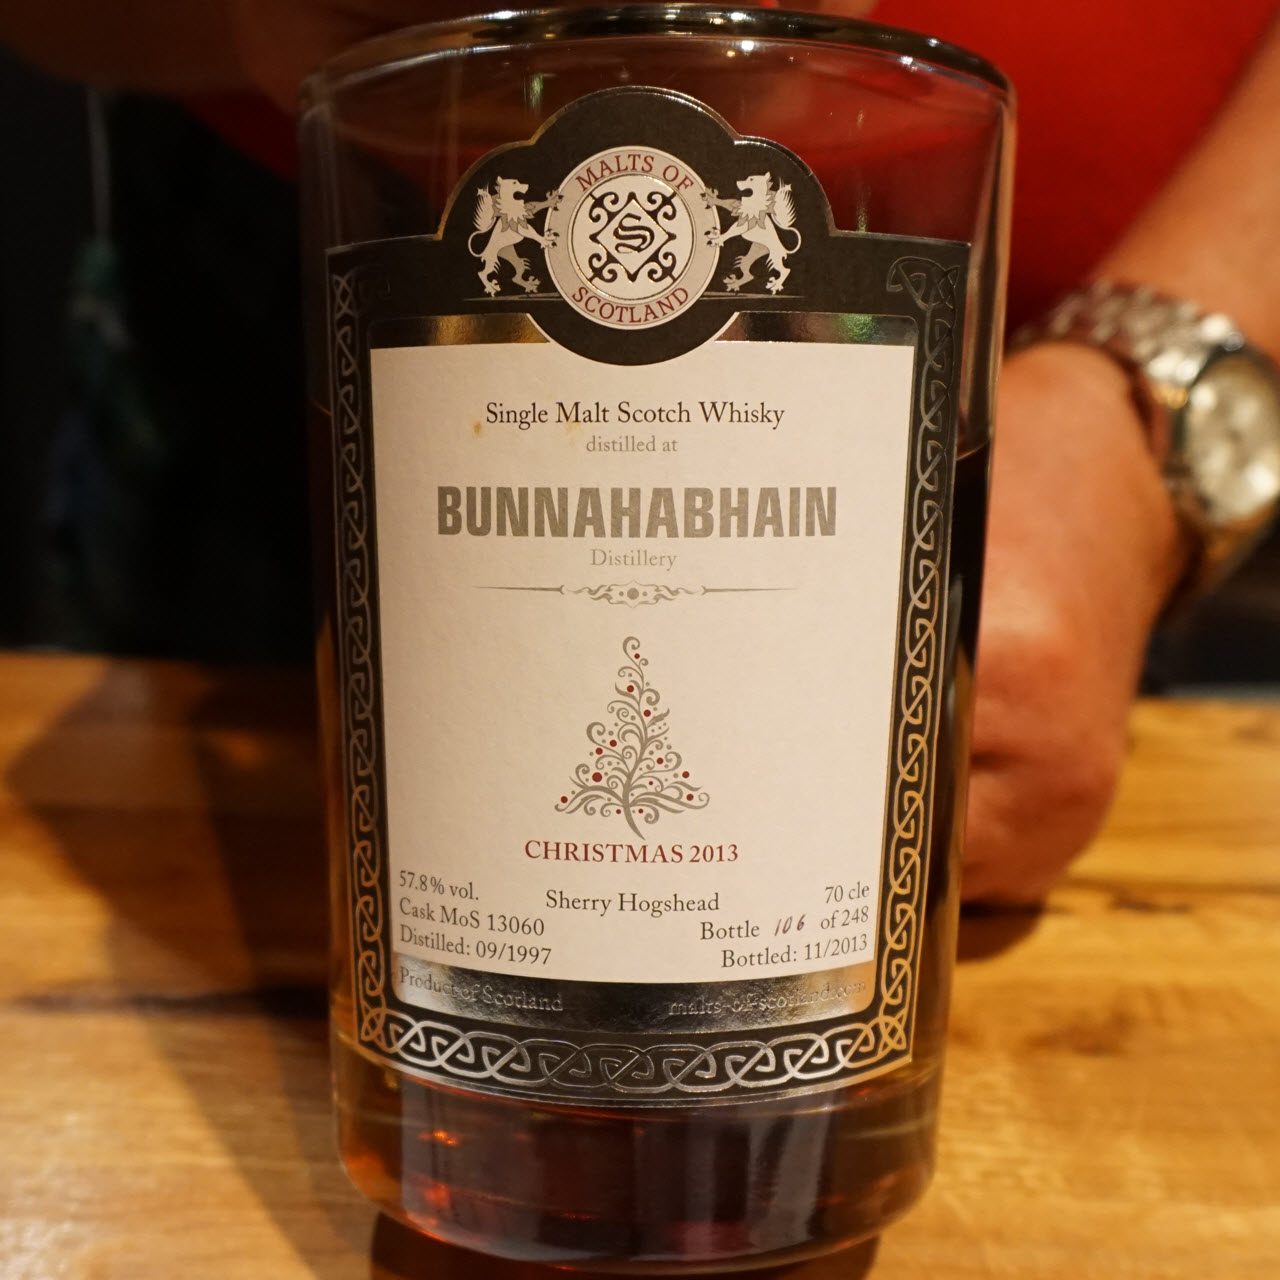 Bunnahabhain 1997 16 YO Christmas 2013